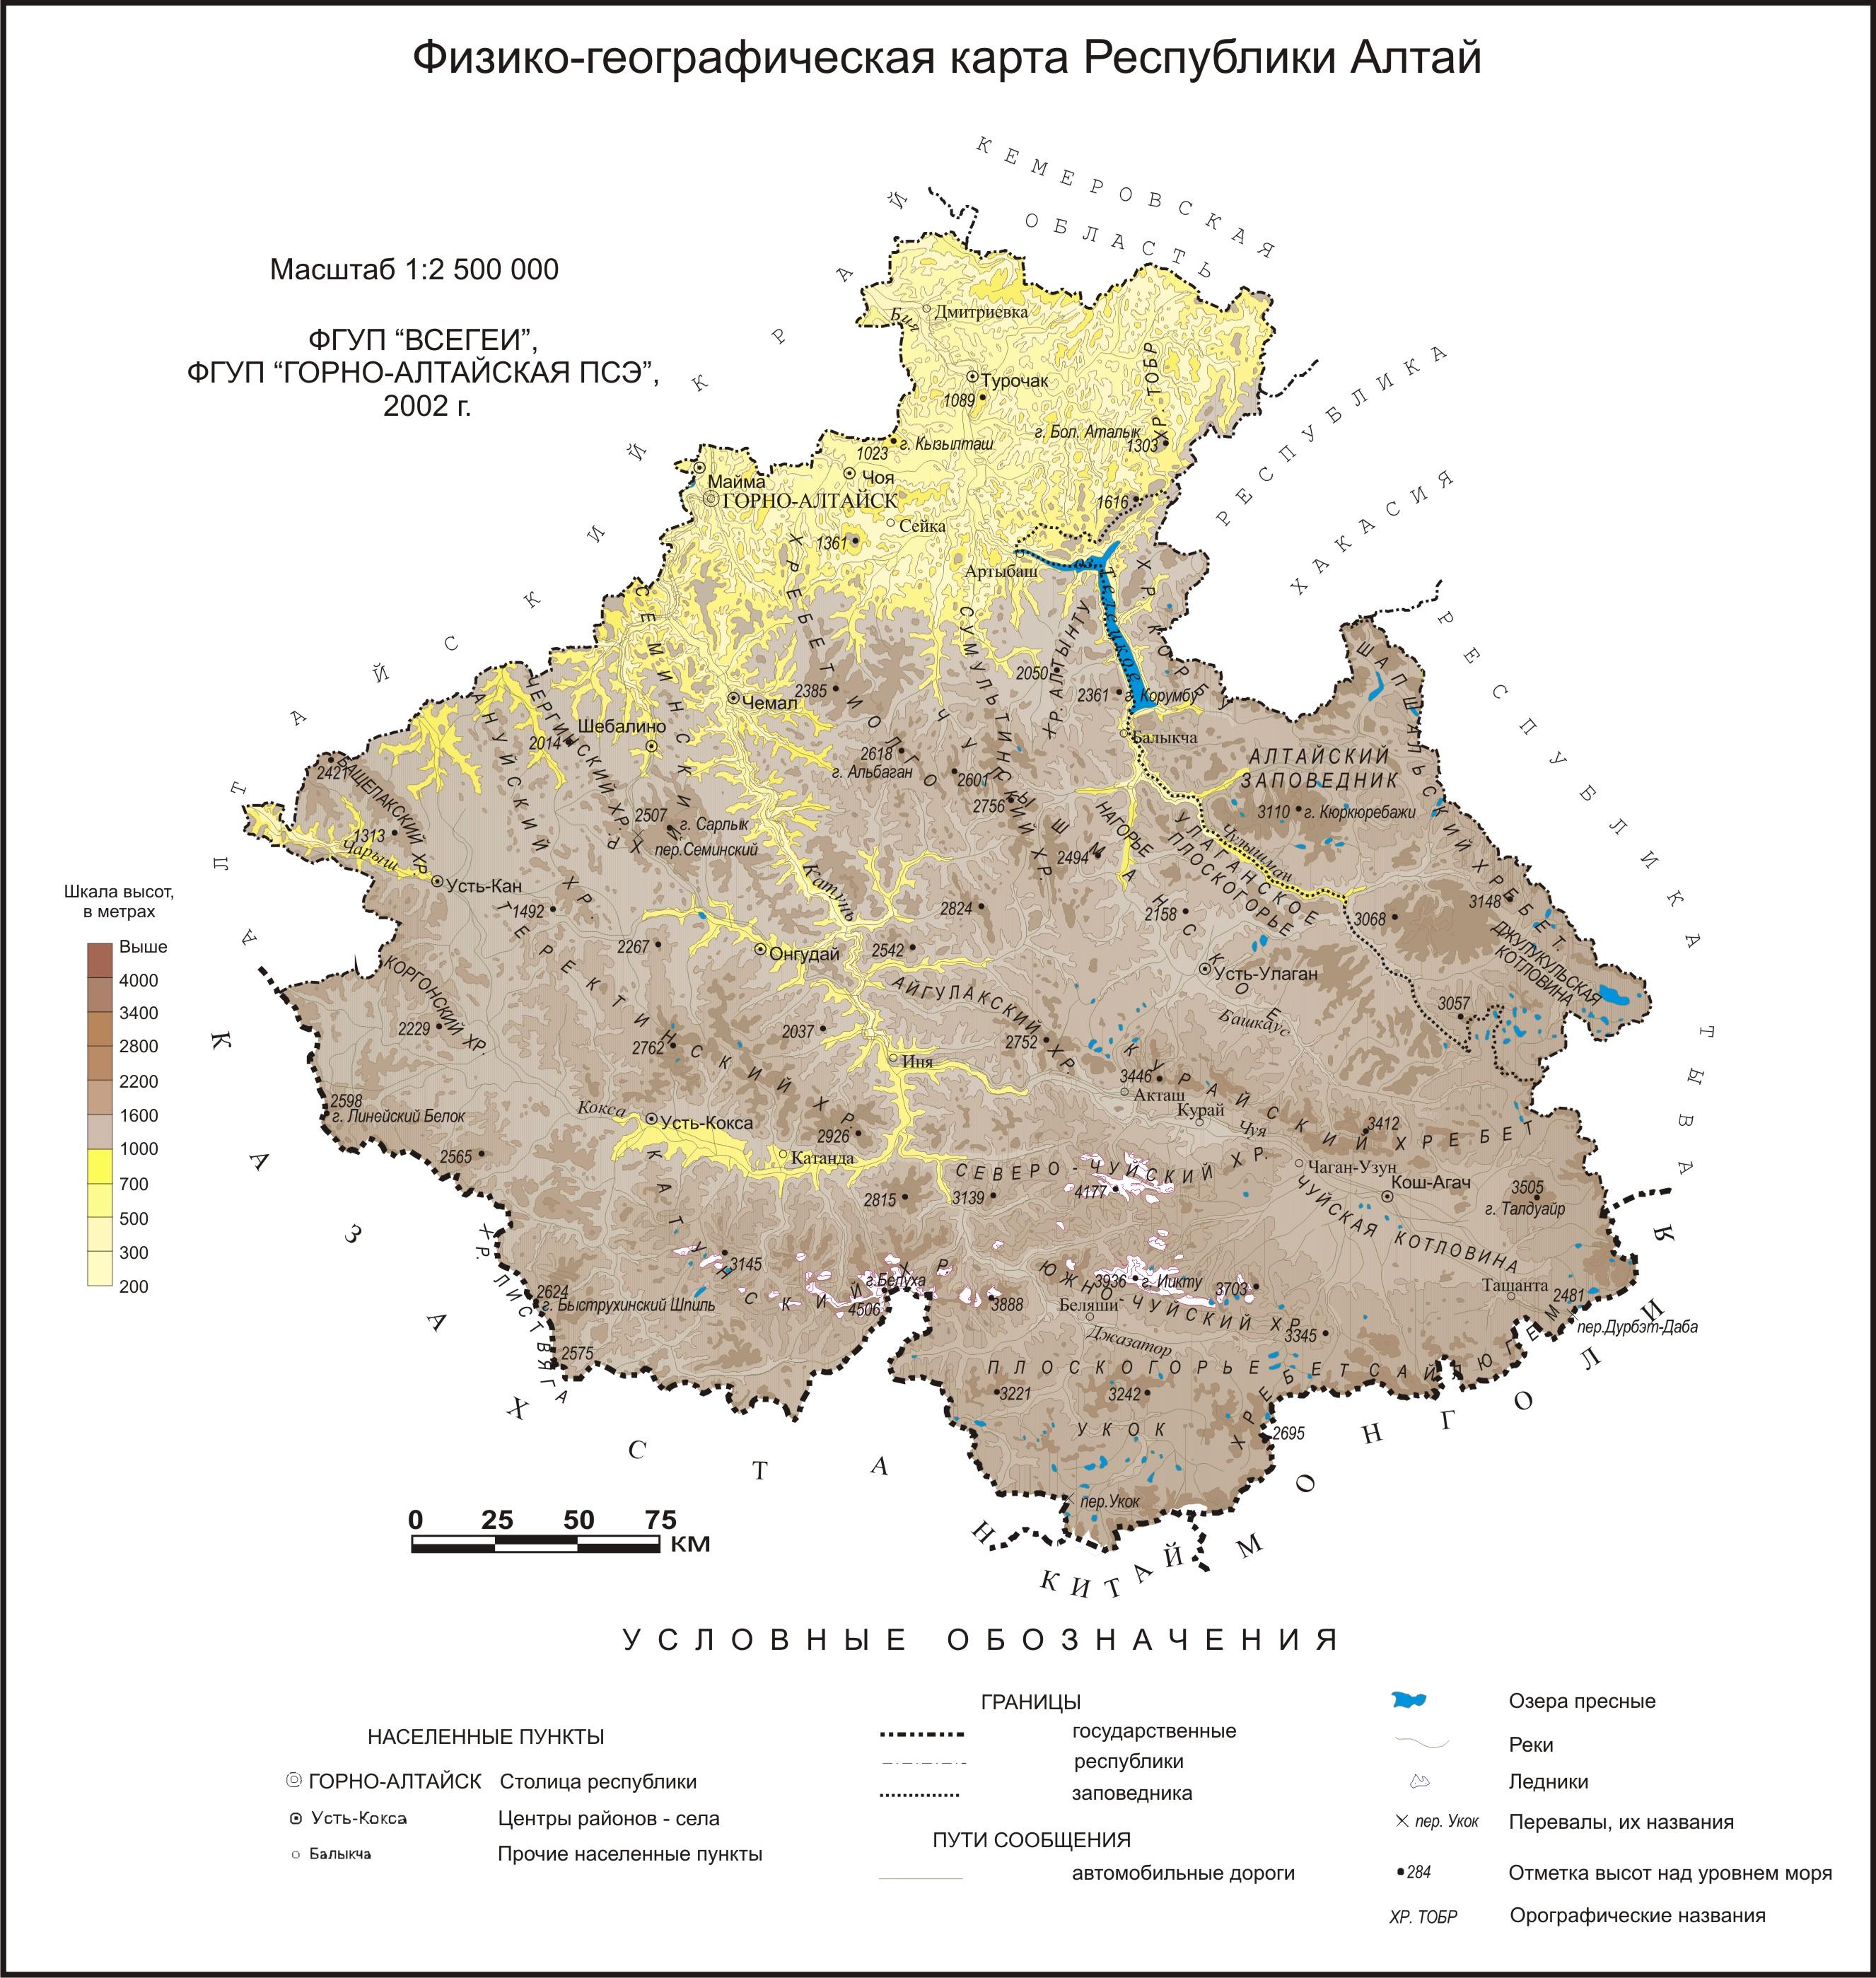 Физико-географическая карта Республики Алтай